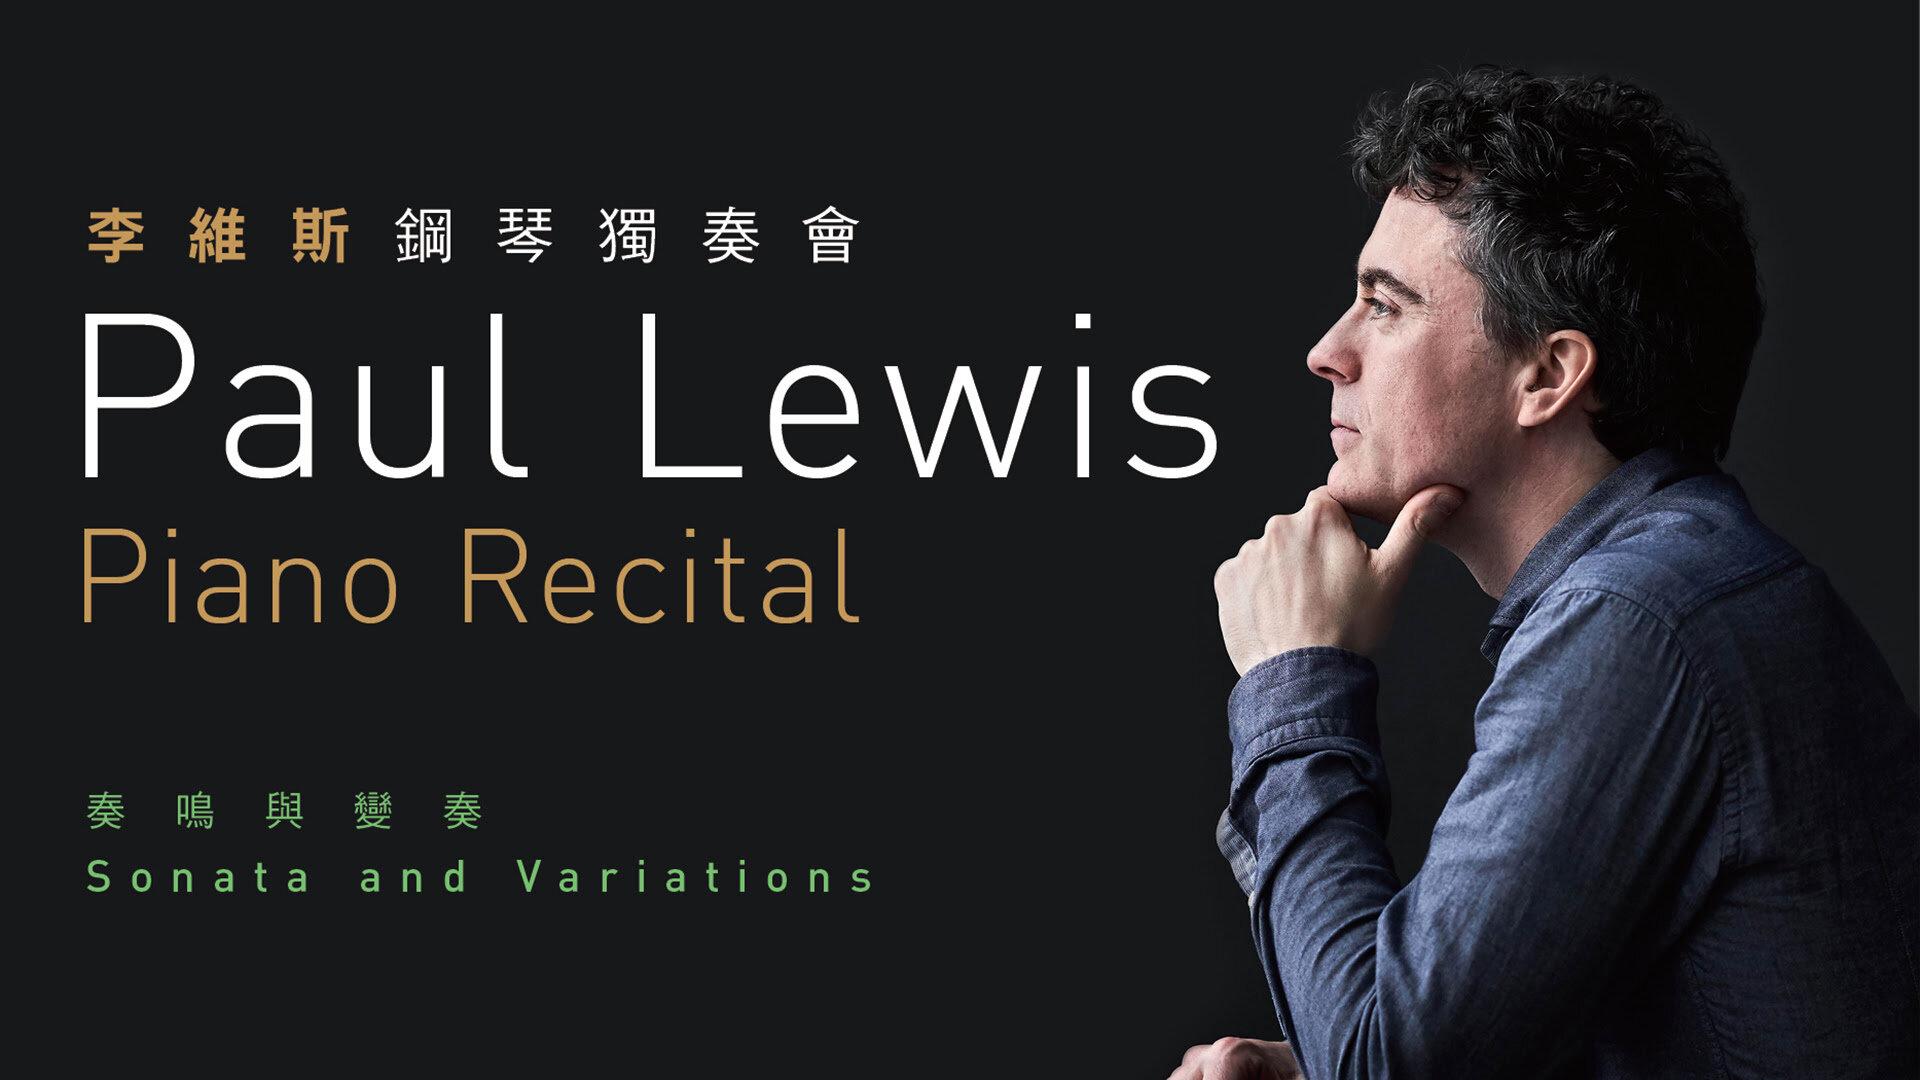 paul lewis piano recital 2019 image